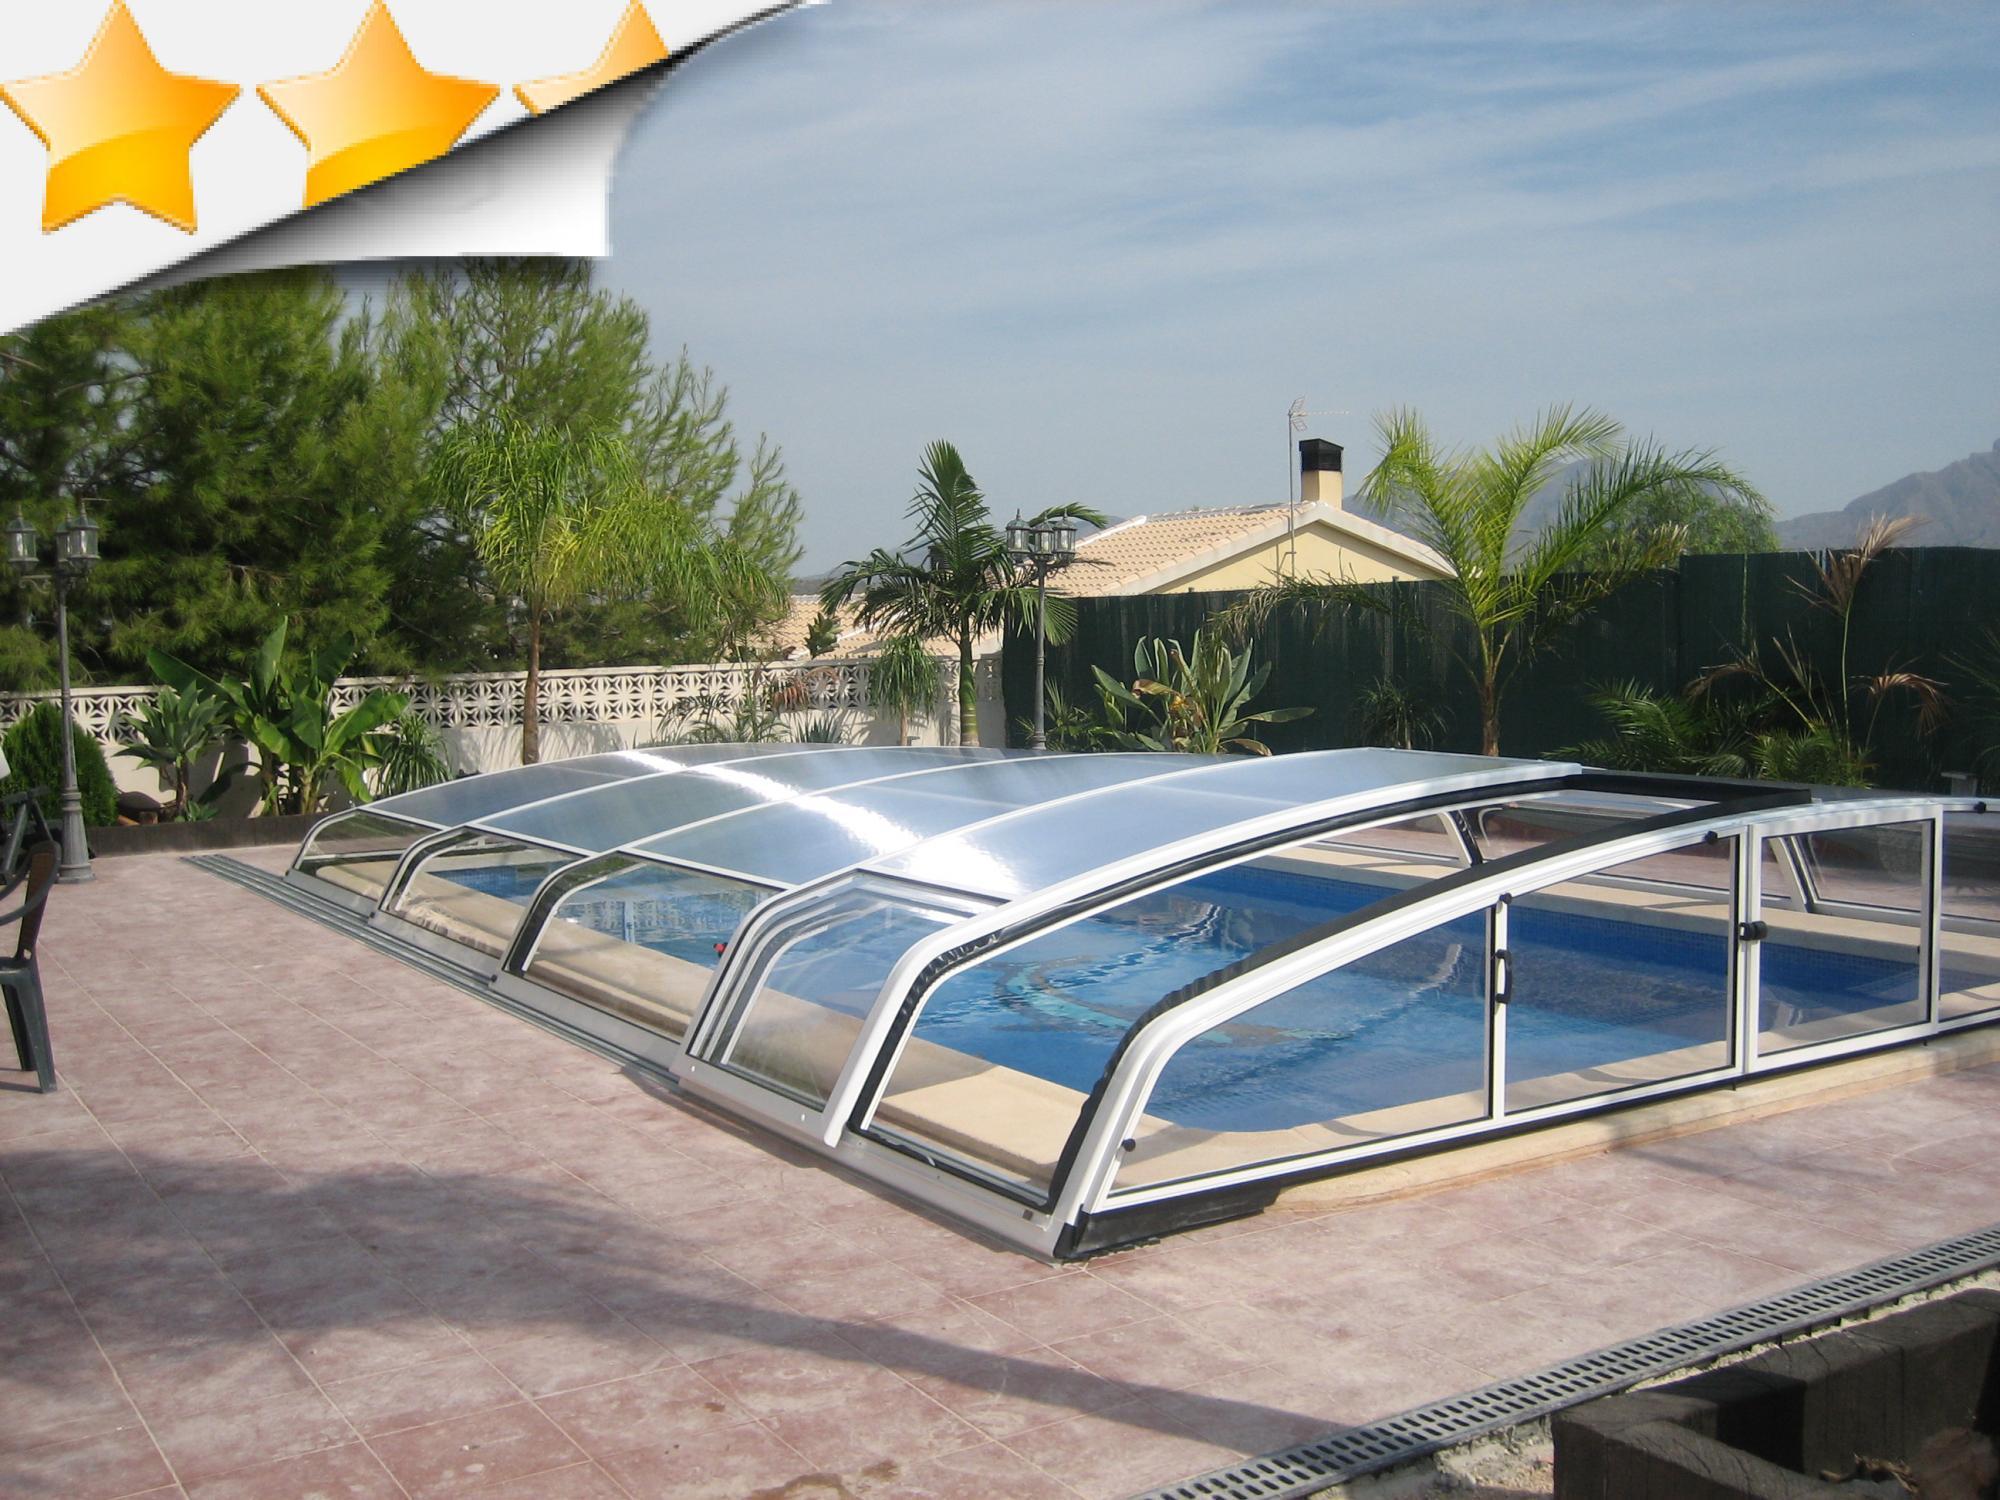 Vente abri de piscine par lpc for Piscine coque loire 42